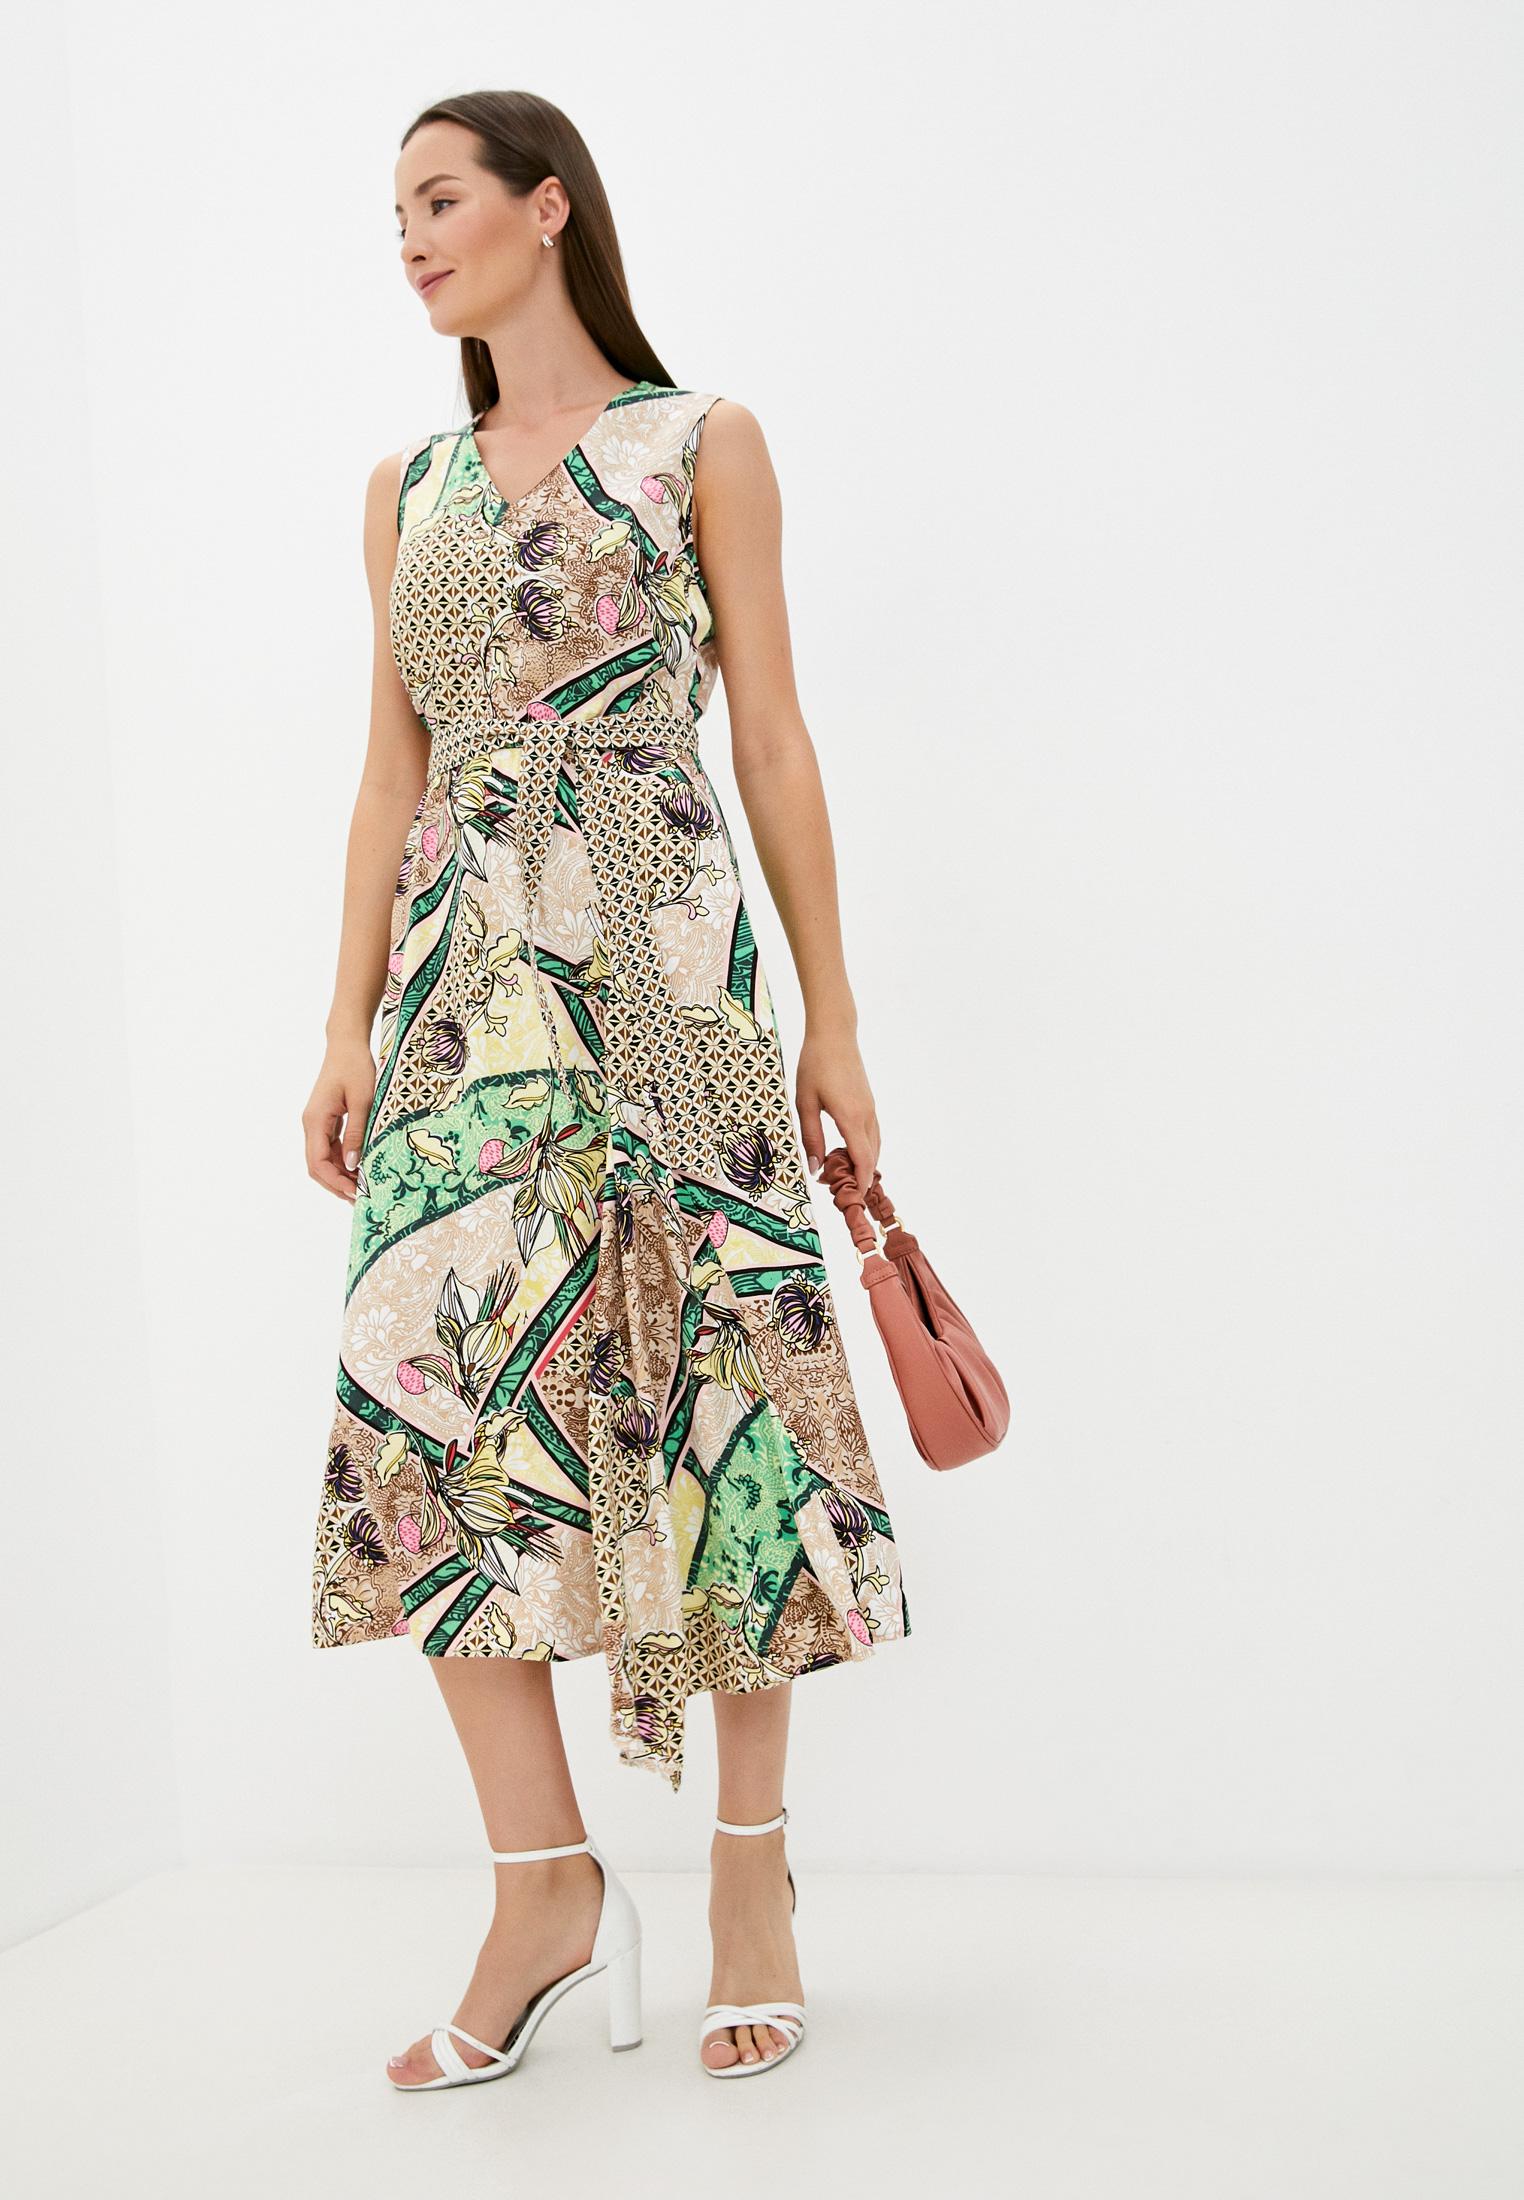 Повседневное платье Gerry Weber (Гарри Вебер) Платье Gerry Weber